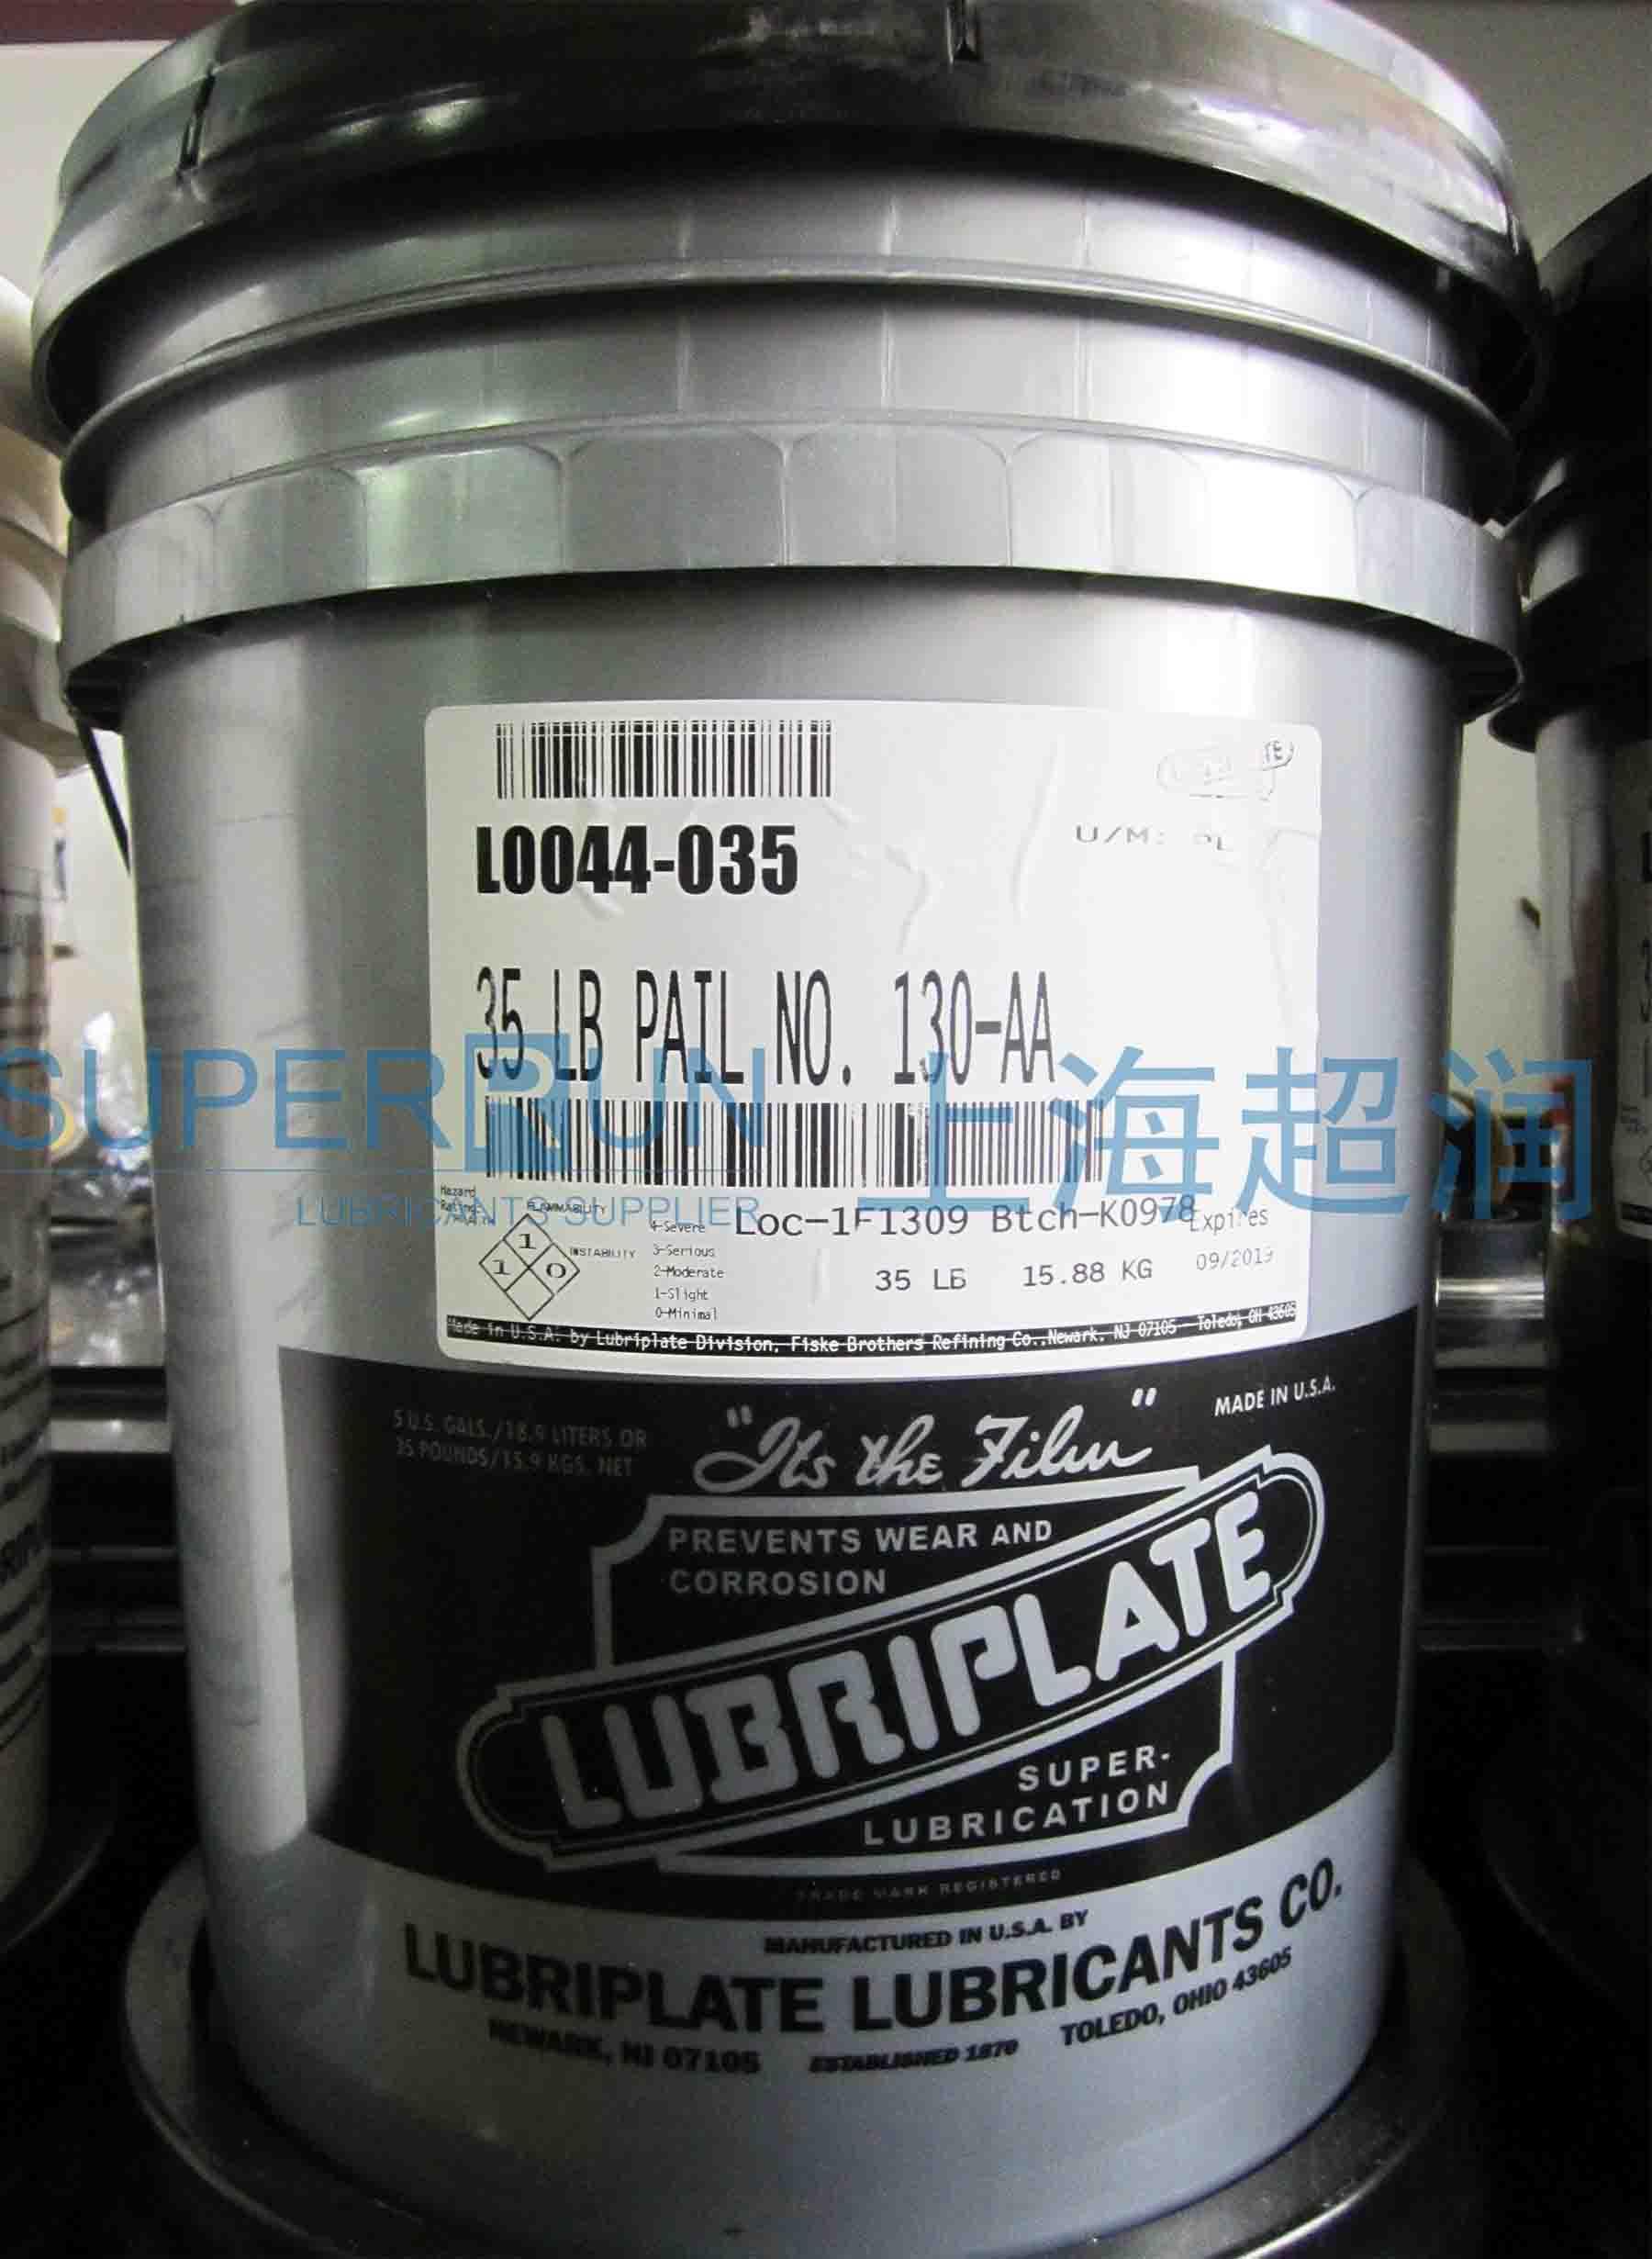 威氏lubriplateno.130系列润滑脂csc2003图片